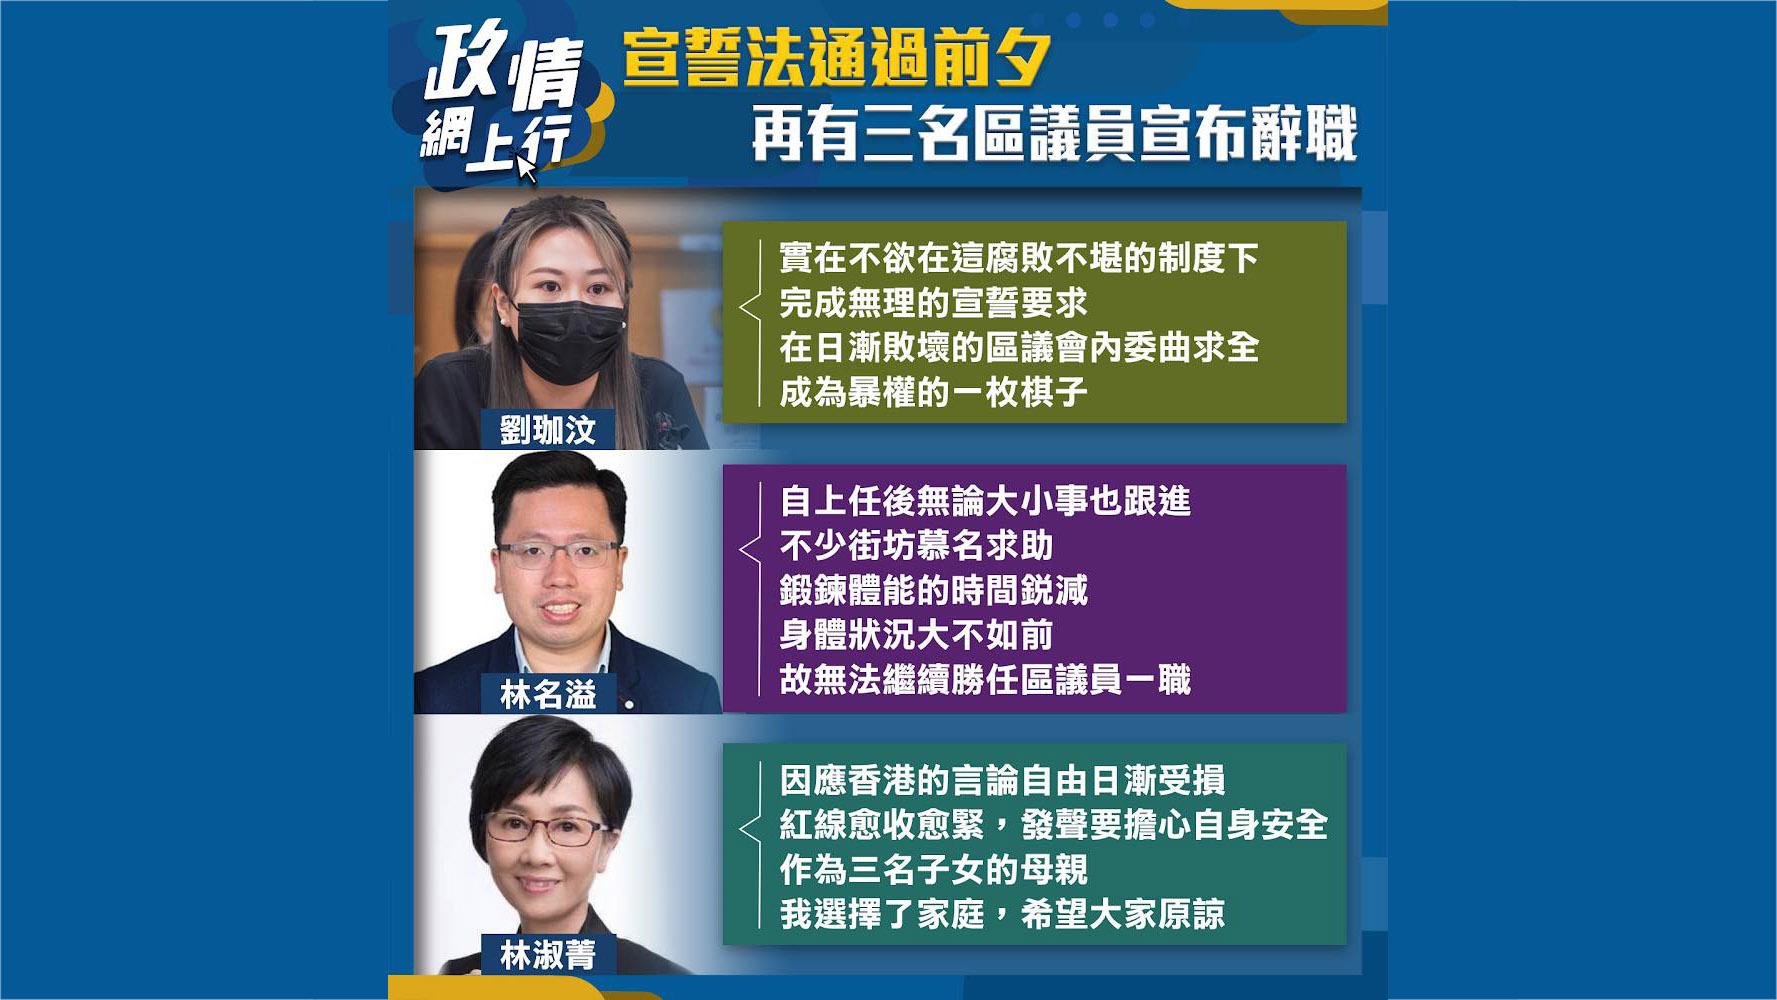 【政情網上行】宣誓法通過前夕 再有三名區議員宣布辭職